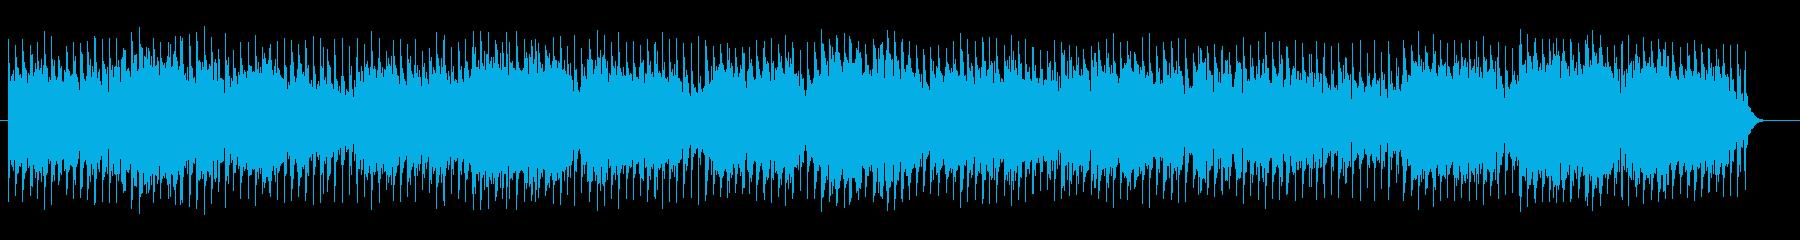 シリアスで宇宙感のあるシンセサウンドの再生済みの波形